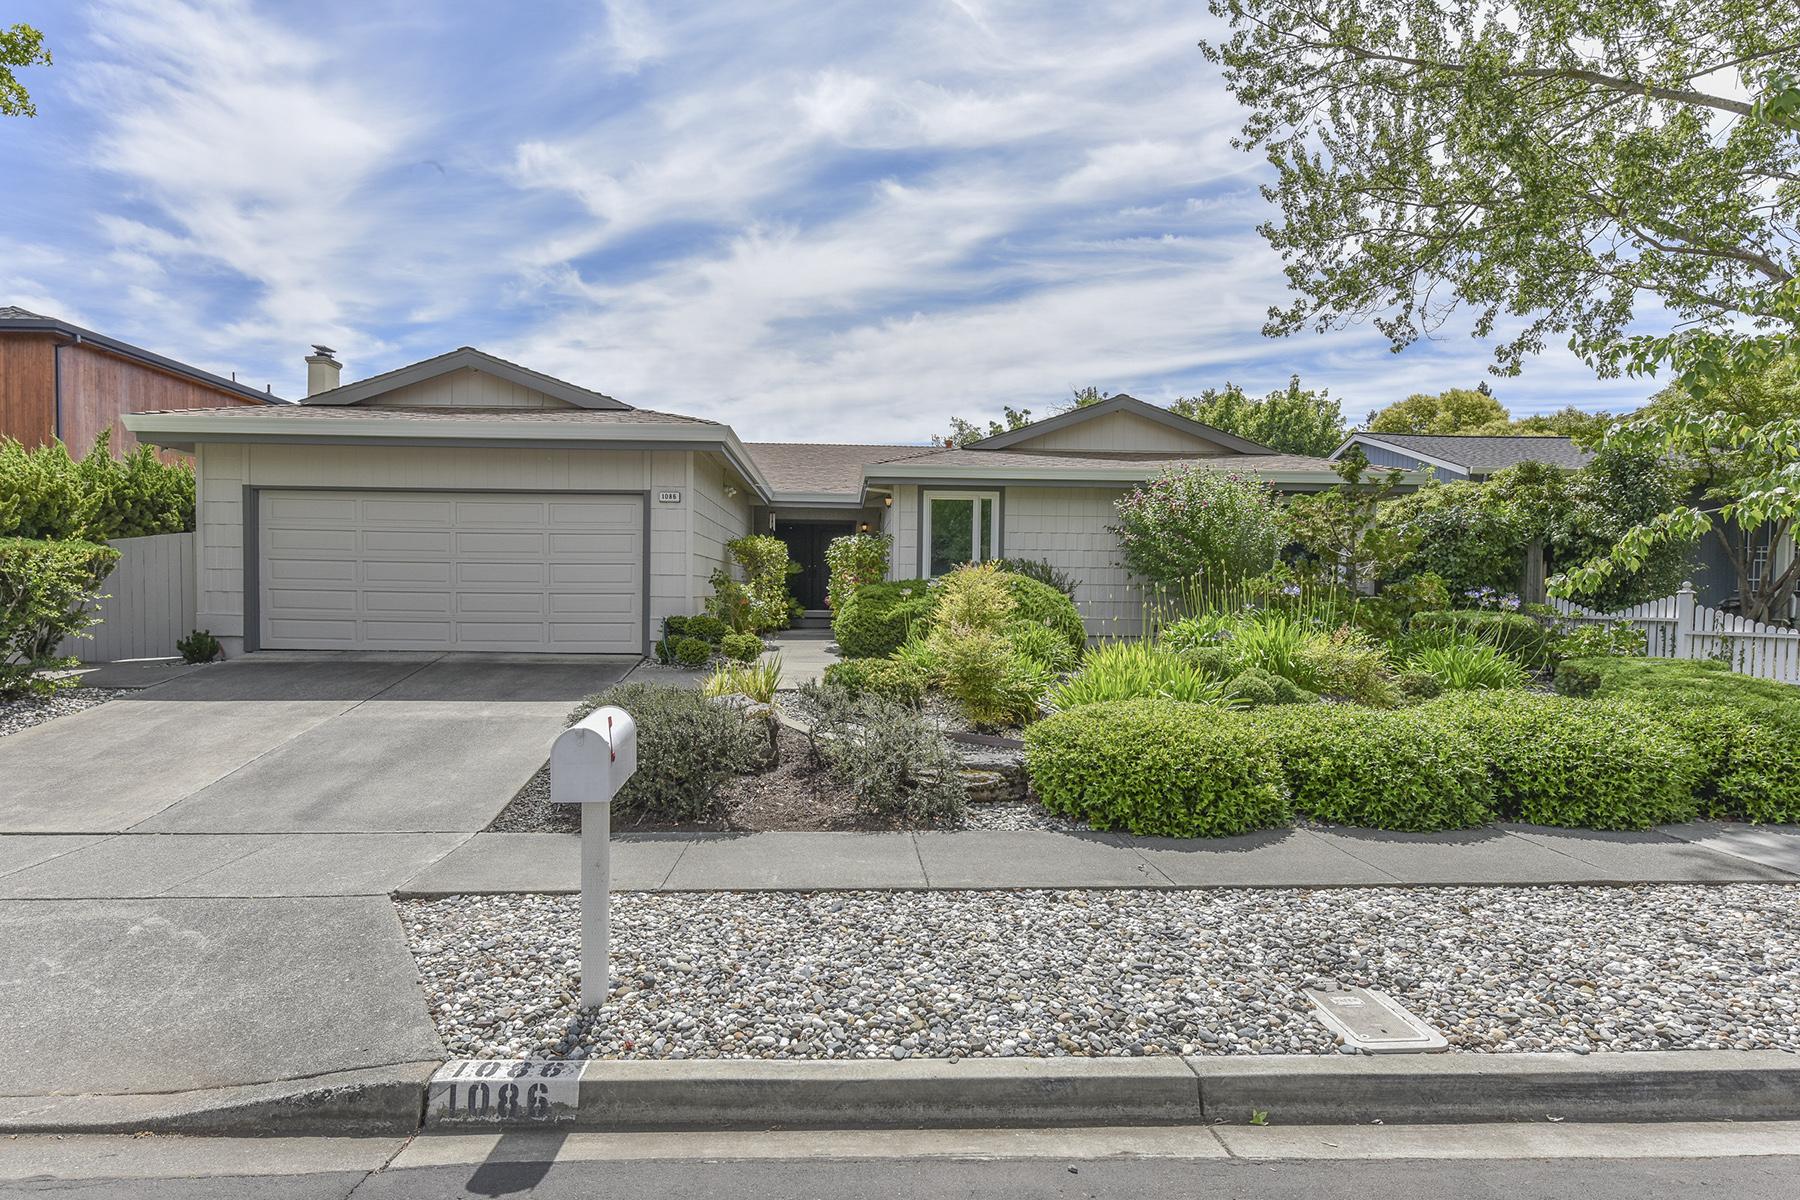 Частный односемейный дом для того Продажа на 1086 Westview Dr, Napa, CA 94558 1086 Westview Dr Napa, Калифорния, 94558 Соединенные Штаты